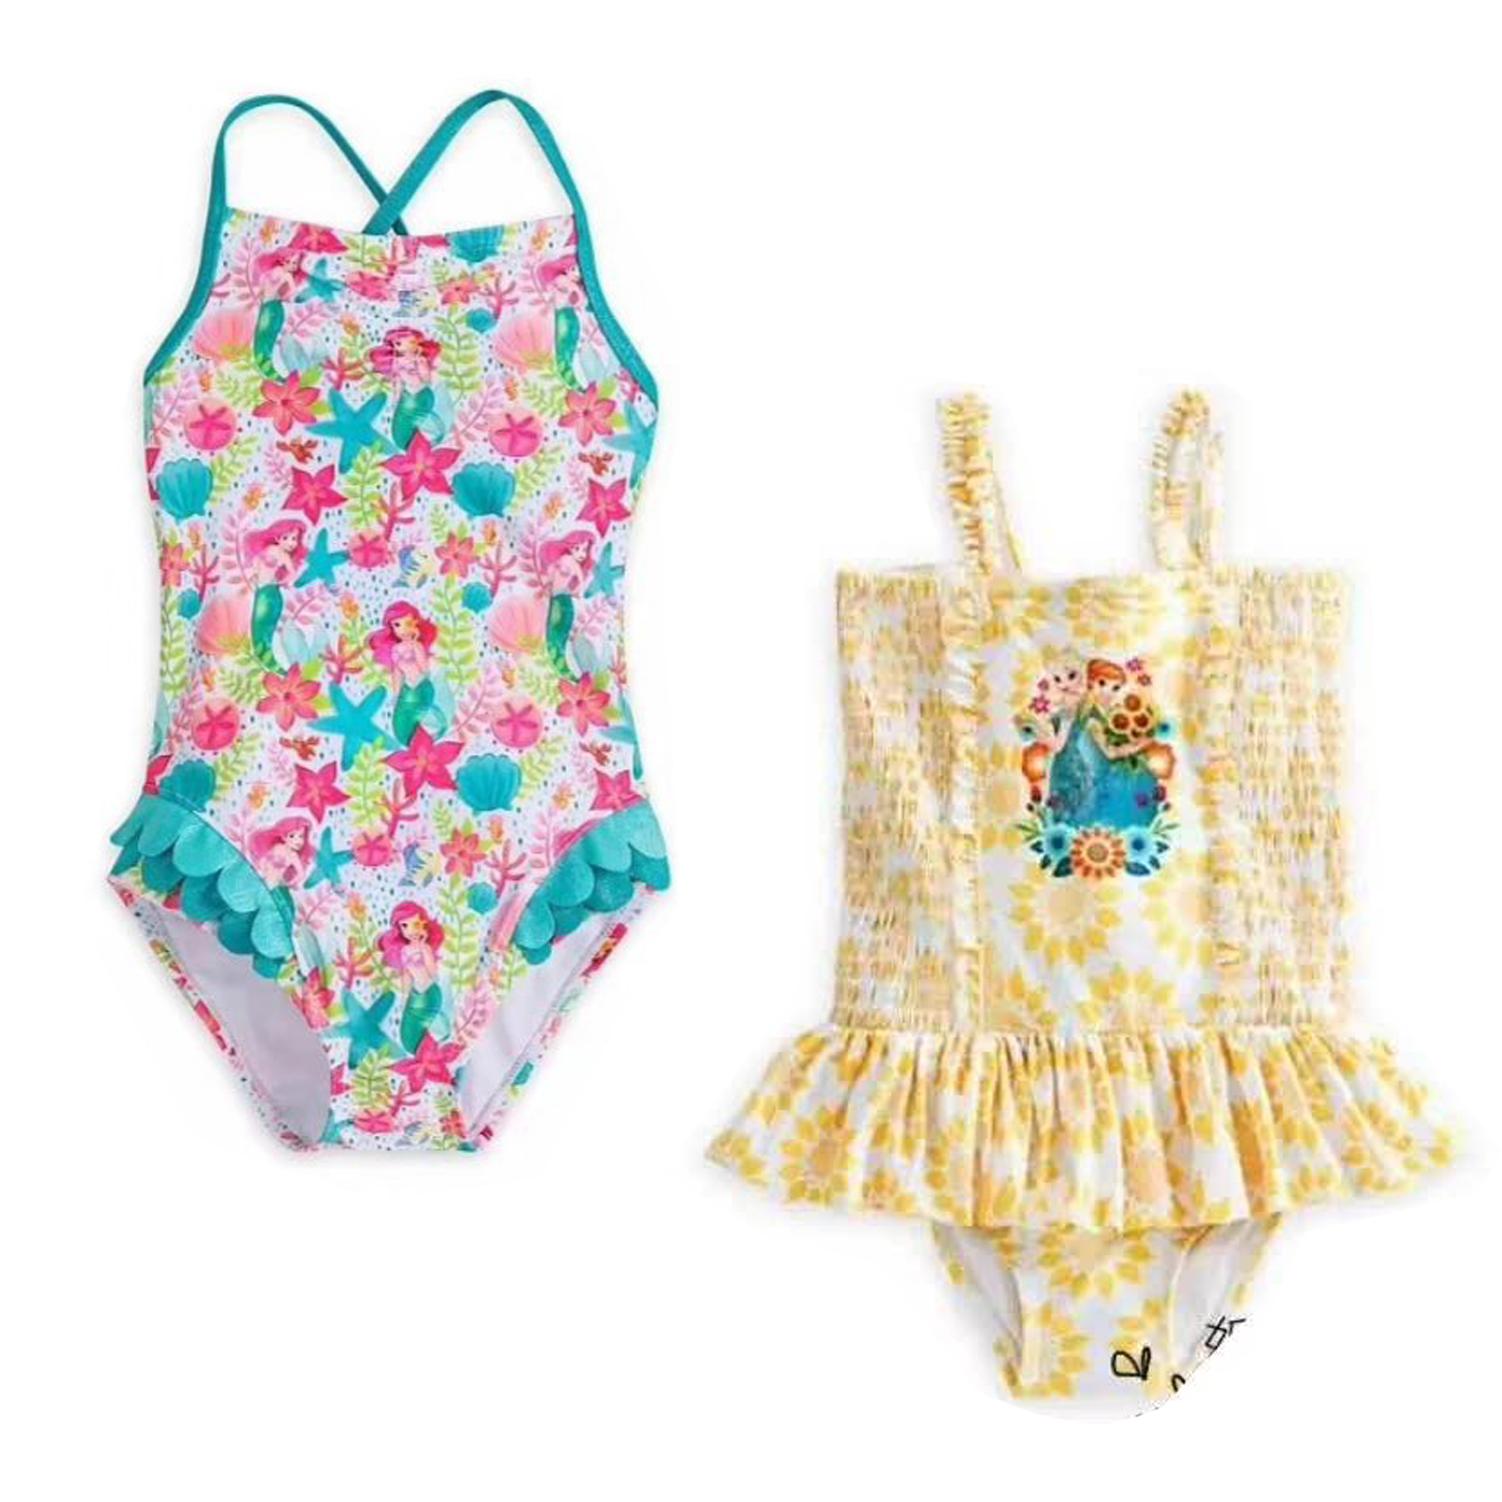 外贸女童泳衣泳帽连体游泳衣美人鱼爱丽儿冰雪奇缘爱莎公主小童